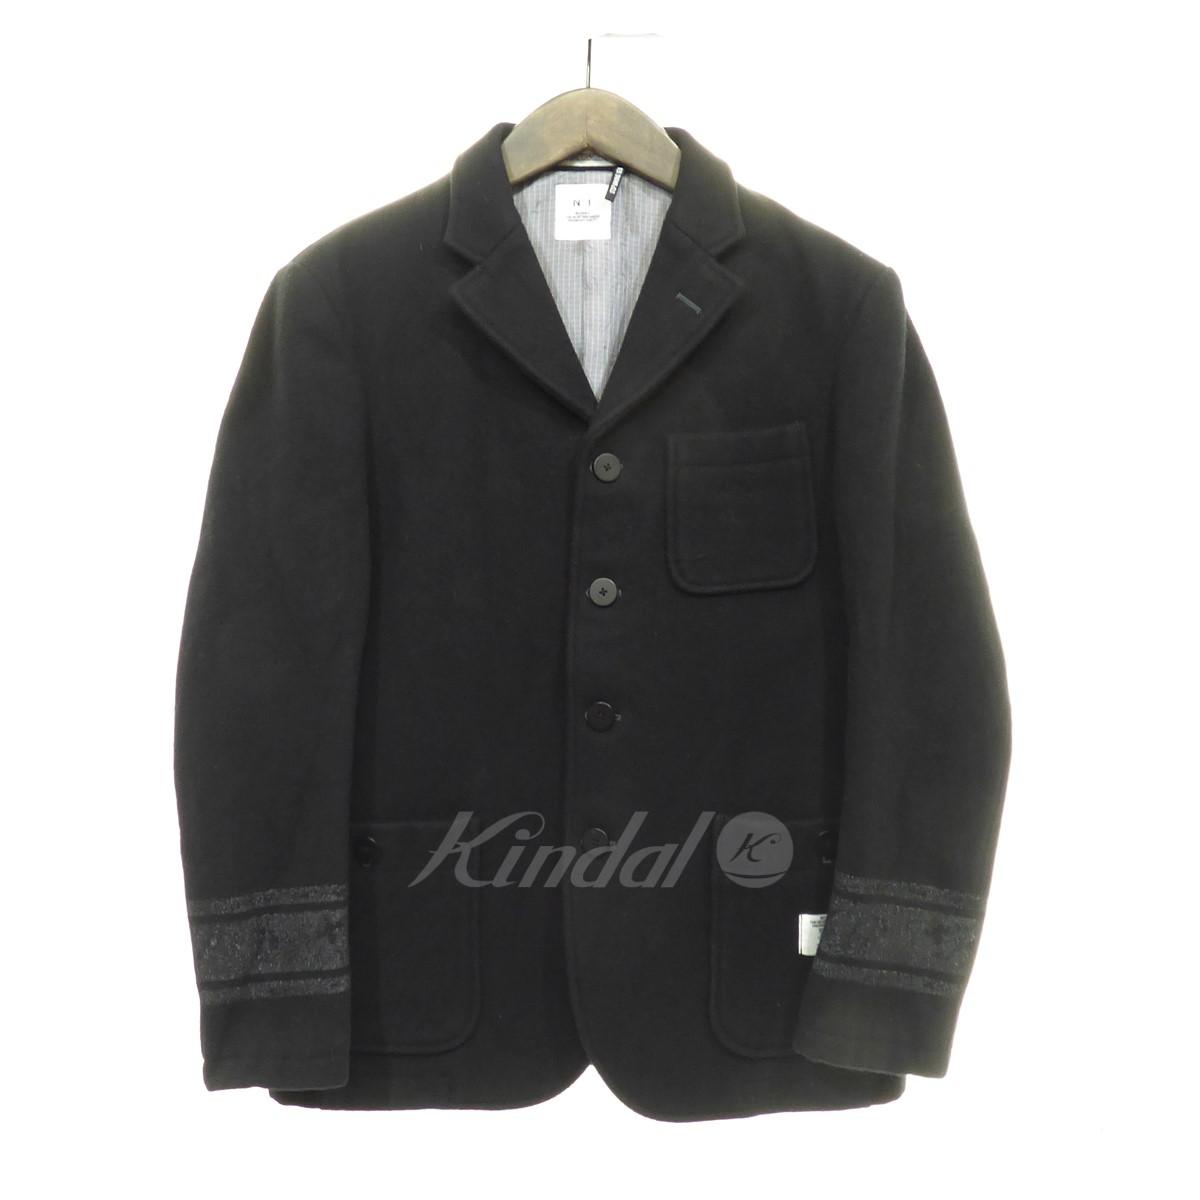 【中古】BEDWIN & THE HEARTBREAKERS ウールジャケット ブラック サイズ:1 【310819】(ベドウィン アンド ザ ハートブレイカーズ)